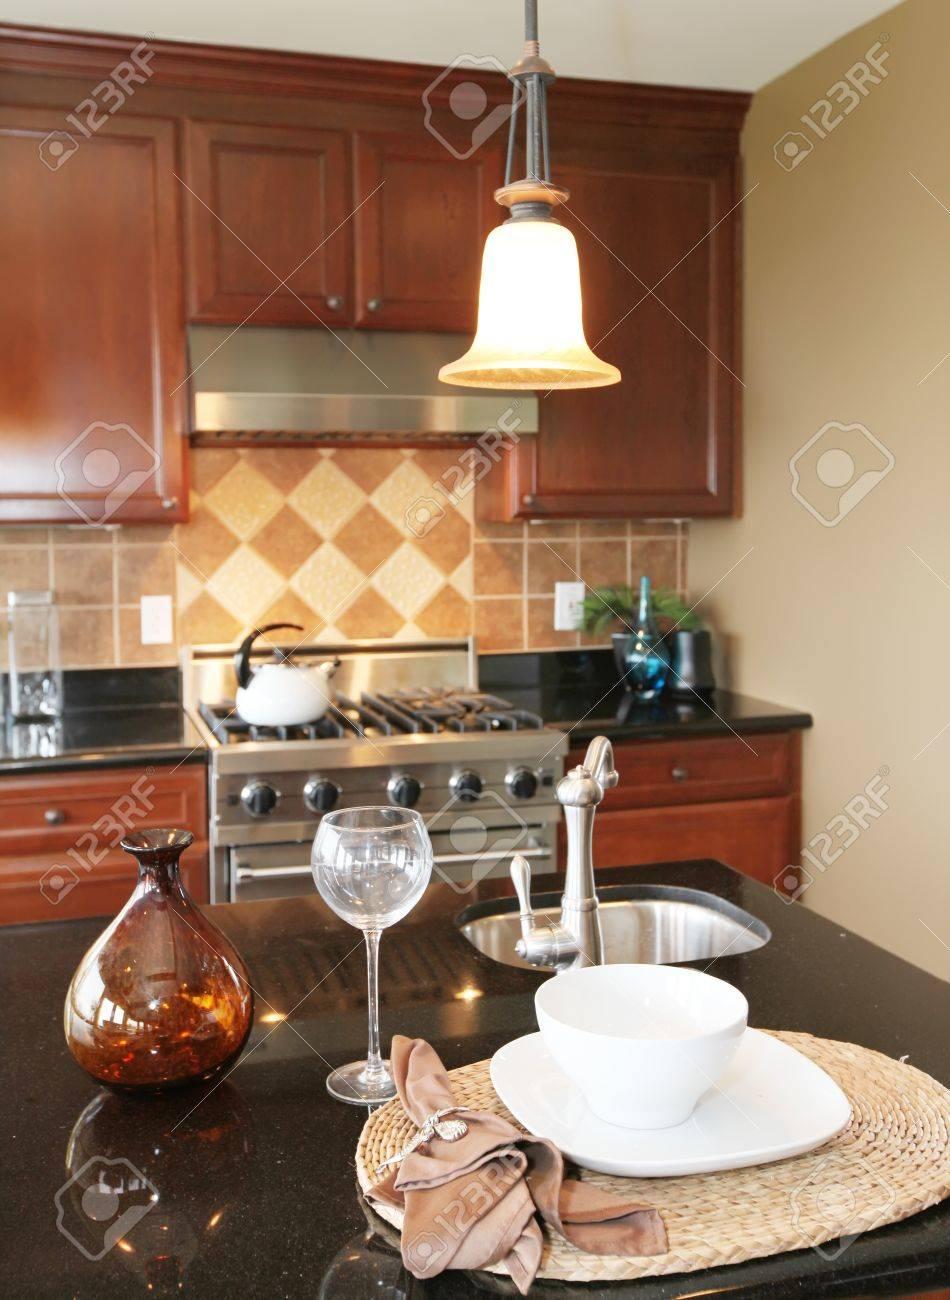 Küche Mit Granit-Arbeitsplatte Teller Und Glas Mit Herd Und Küche ...